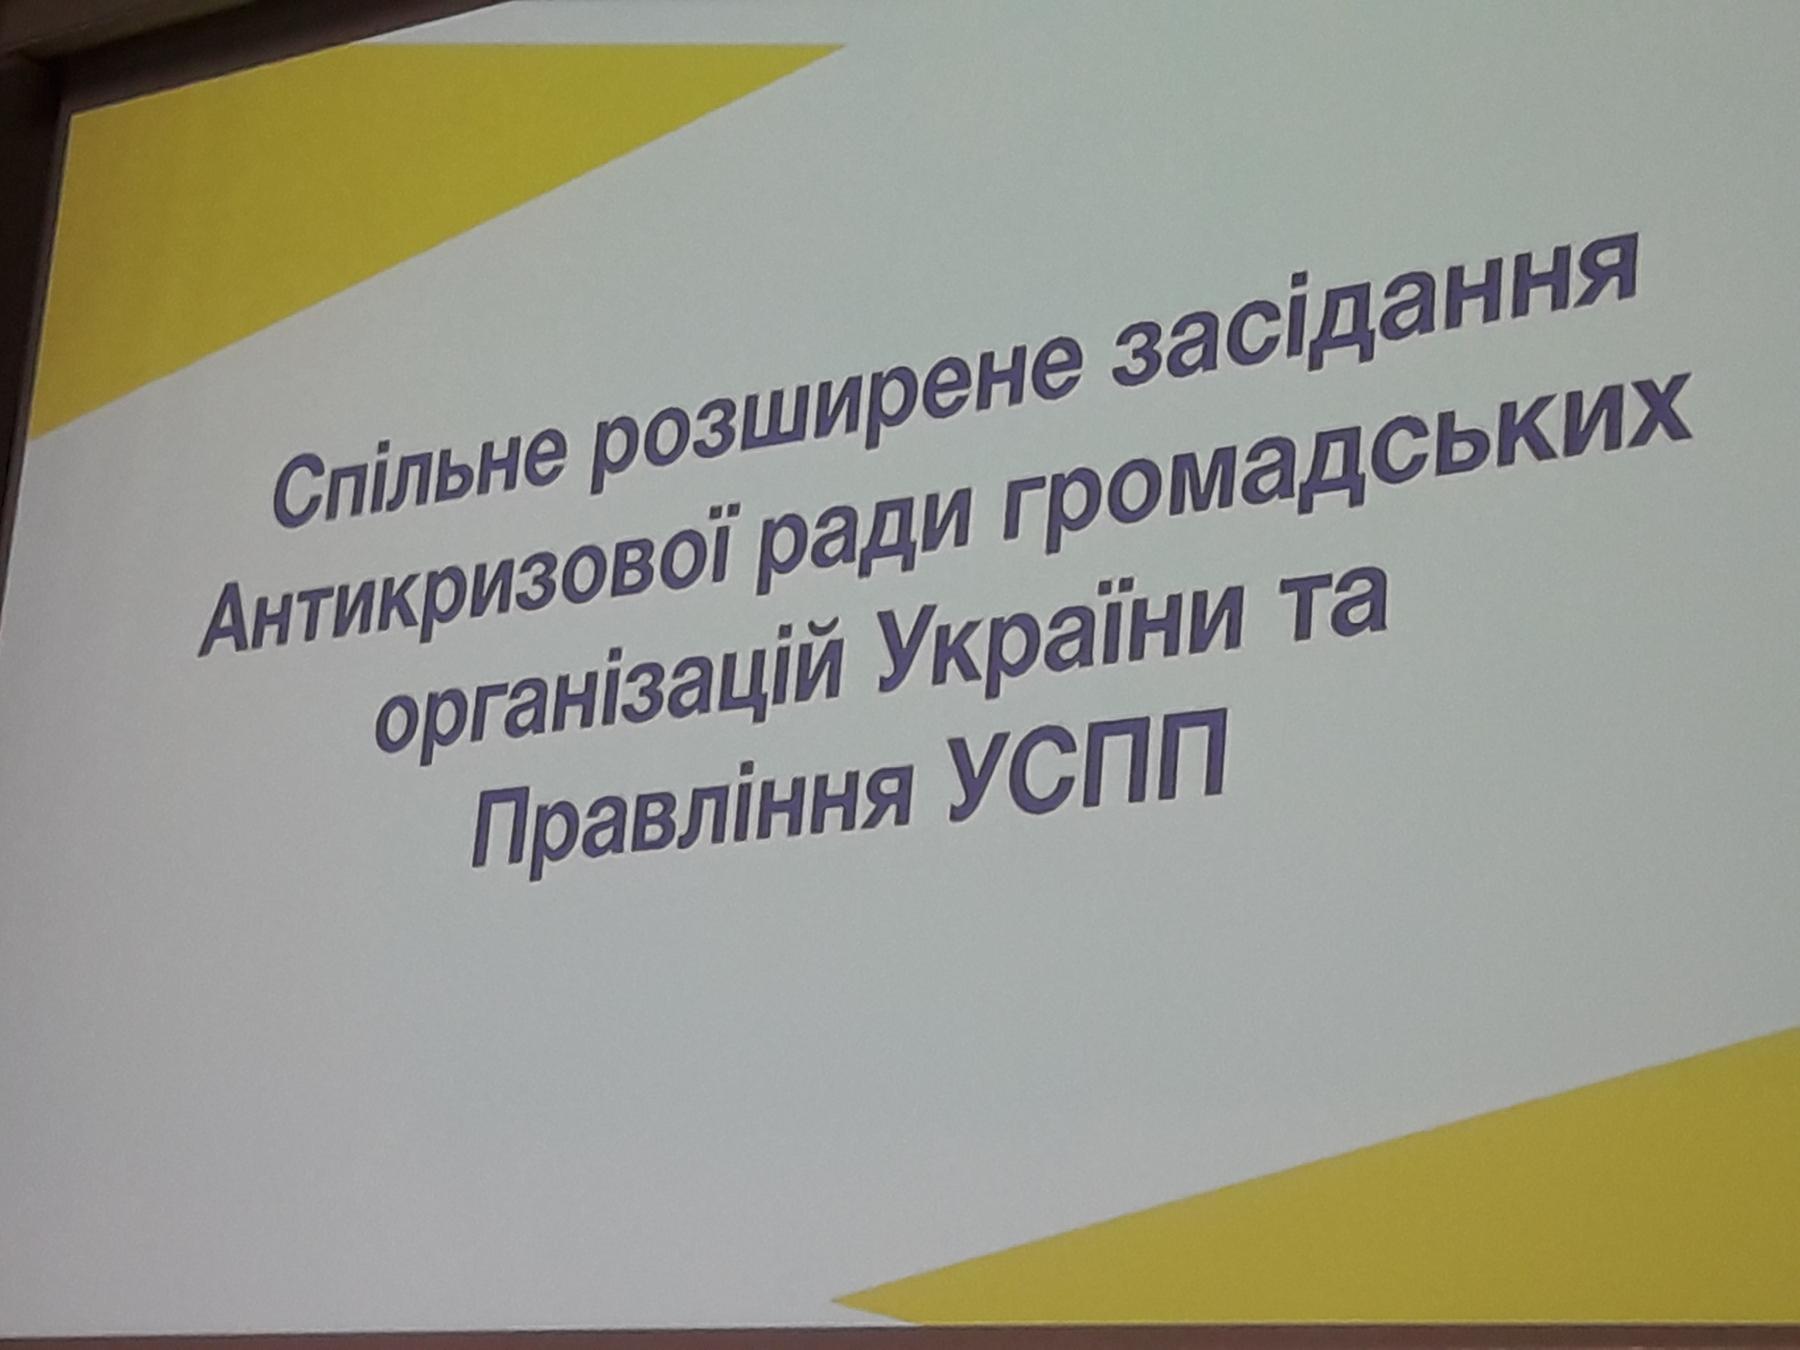 У ТПП відбулося засідання Антикризової ради та Правління УСПП